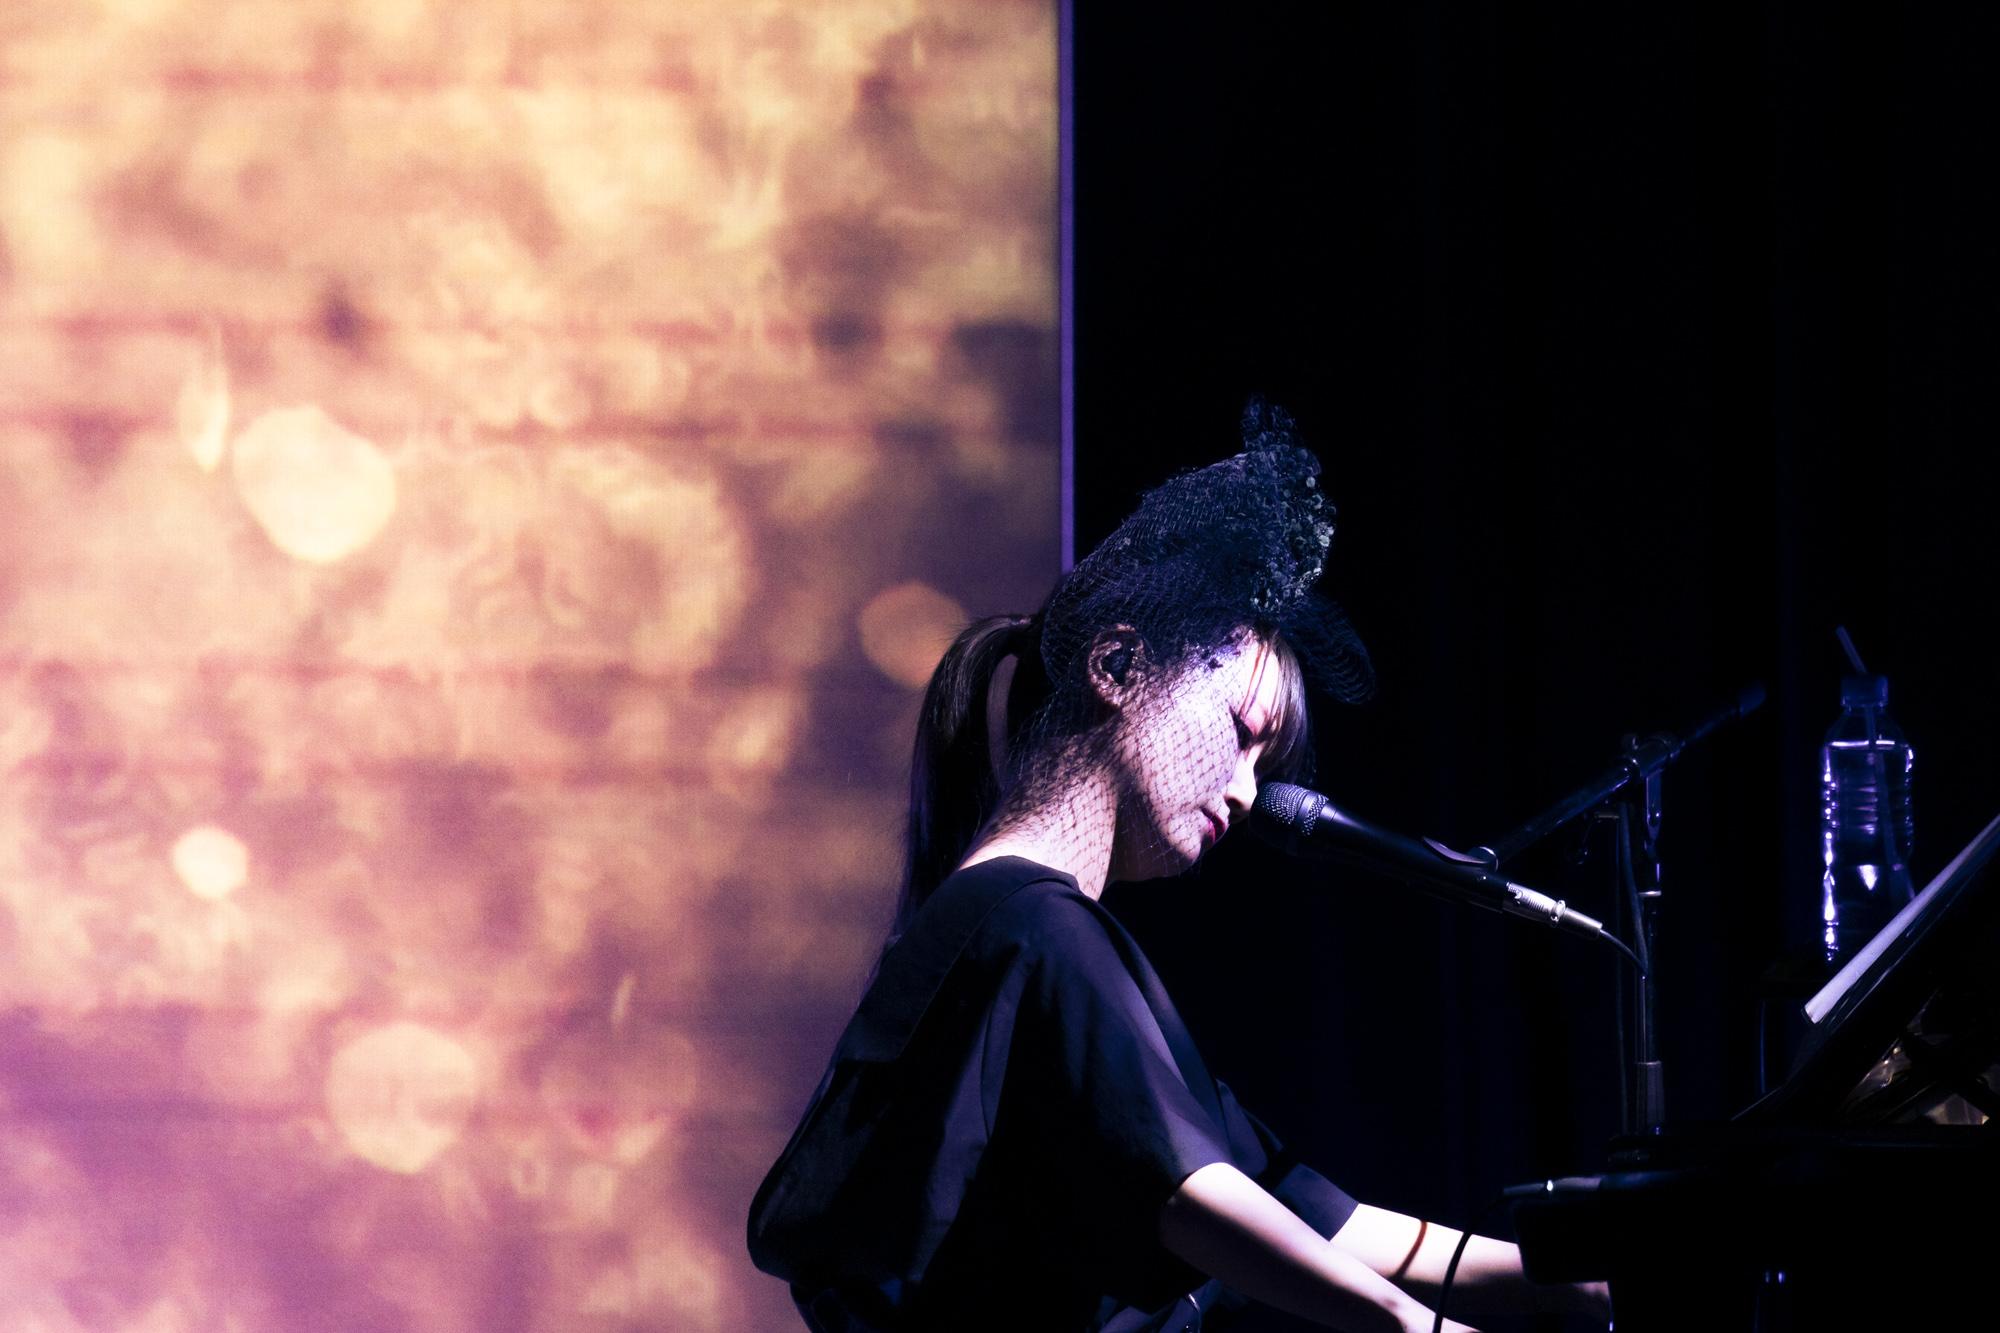 大塚 愛、自身初の楽譜付きピアノ弾き語りアルバム発売&収録曲全曲のライブ映像公開